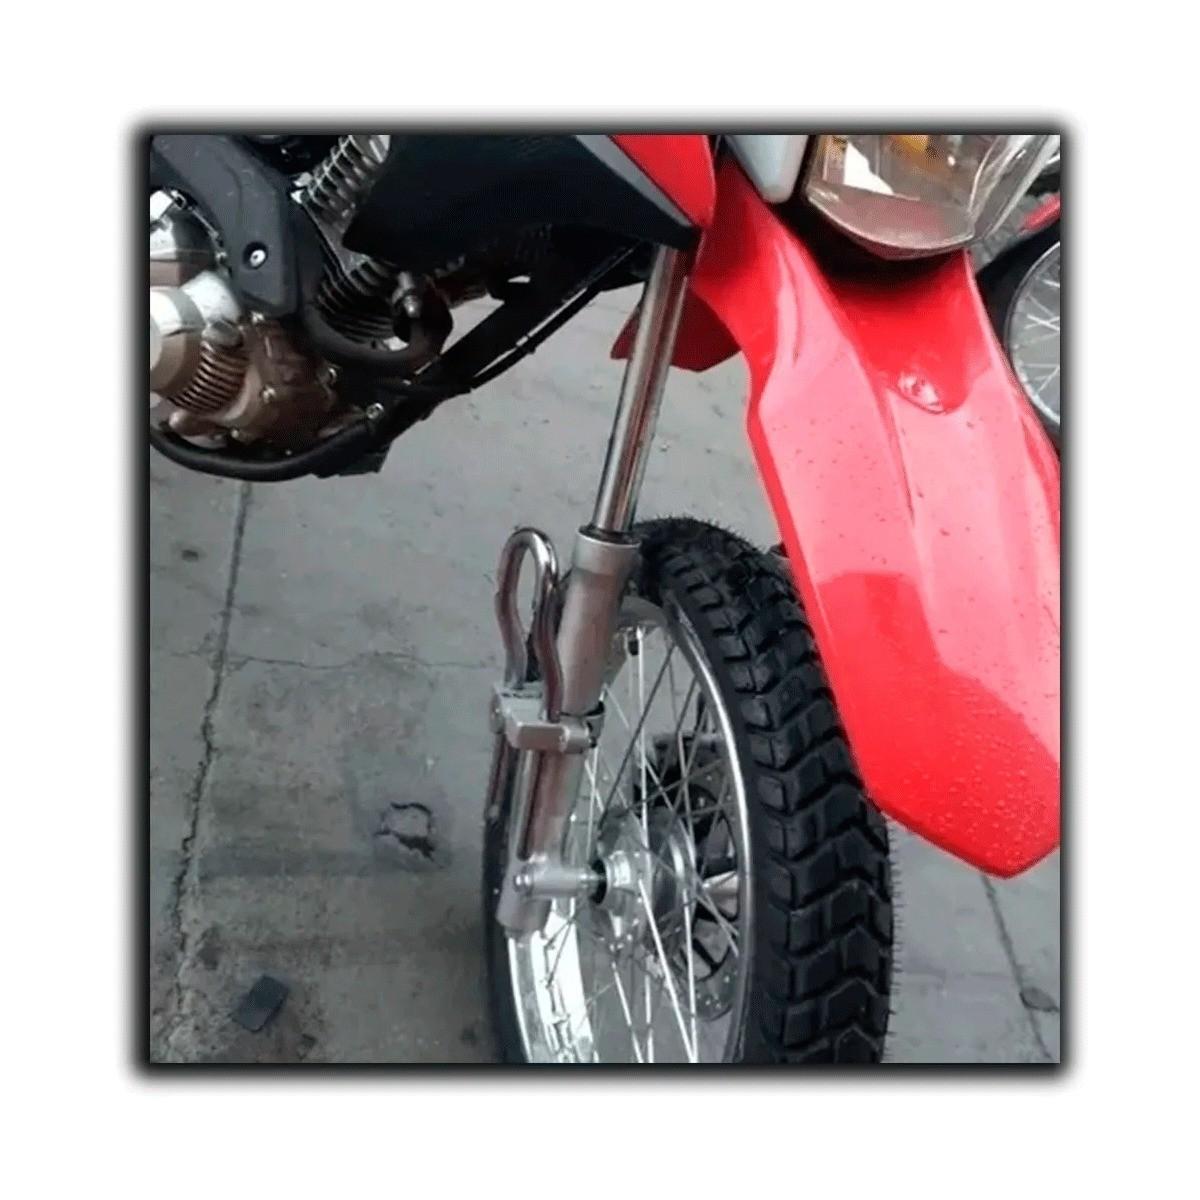 Trava De Bengala Para Moto honda Titan 150/160 Fan 150/160 Bros 150/160 anti furto